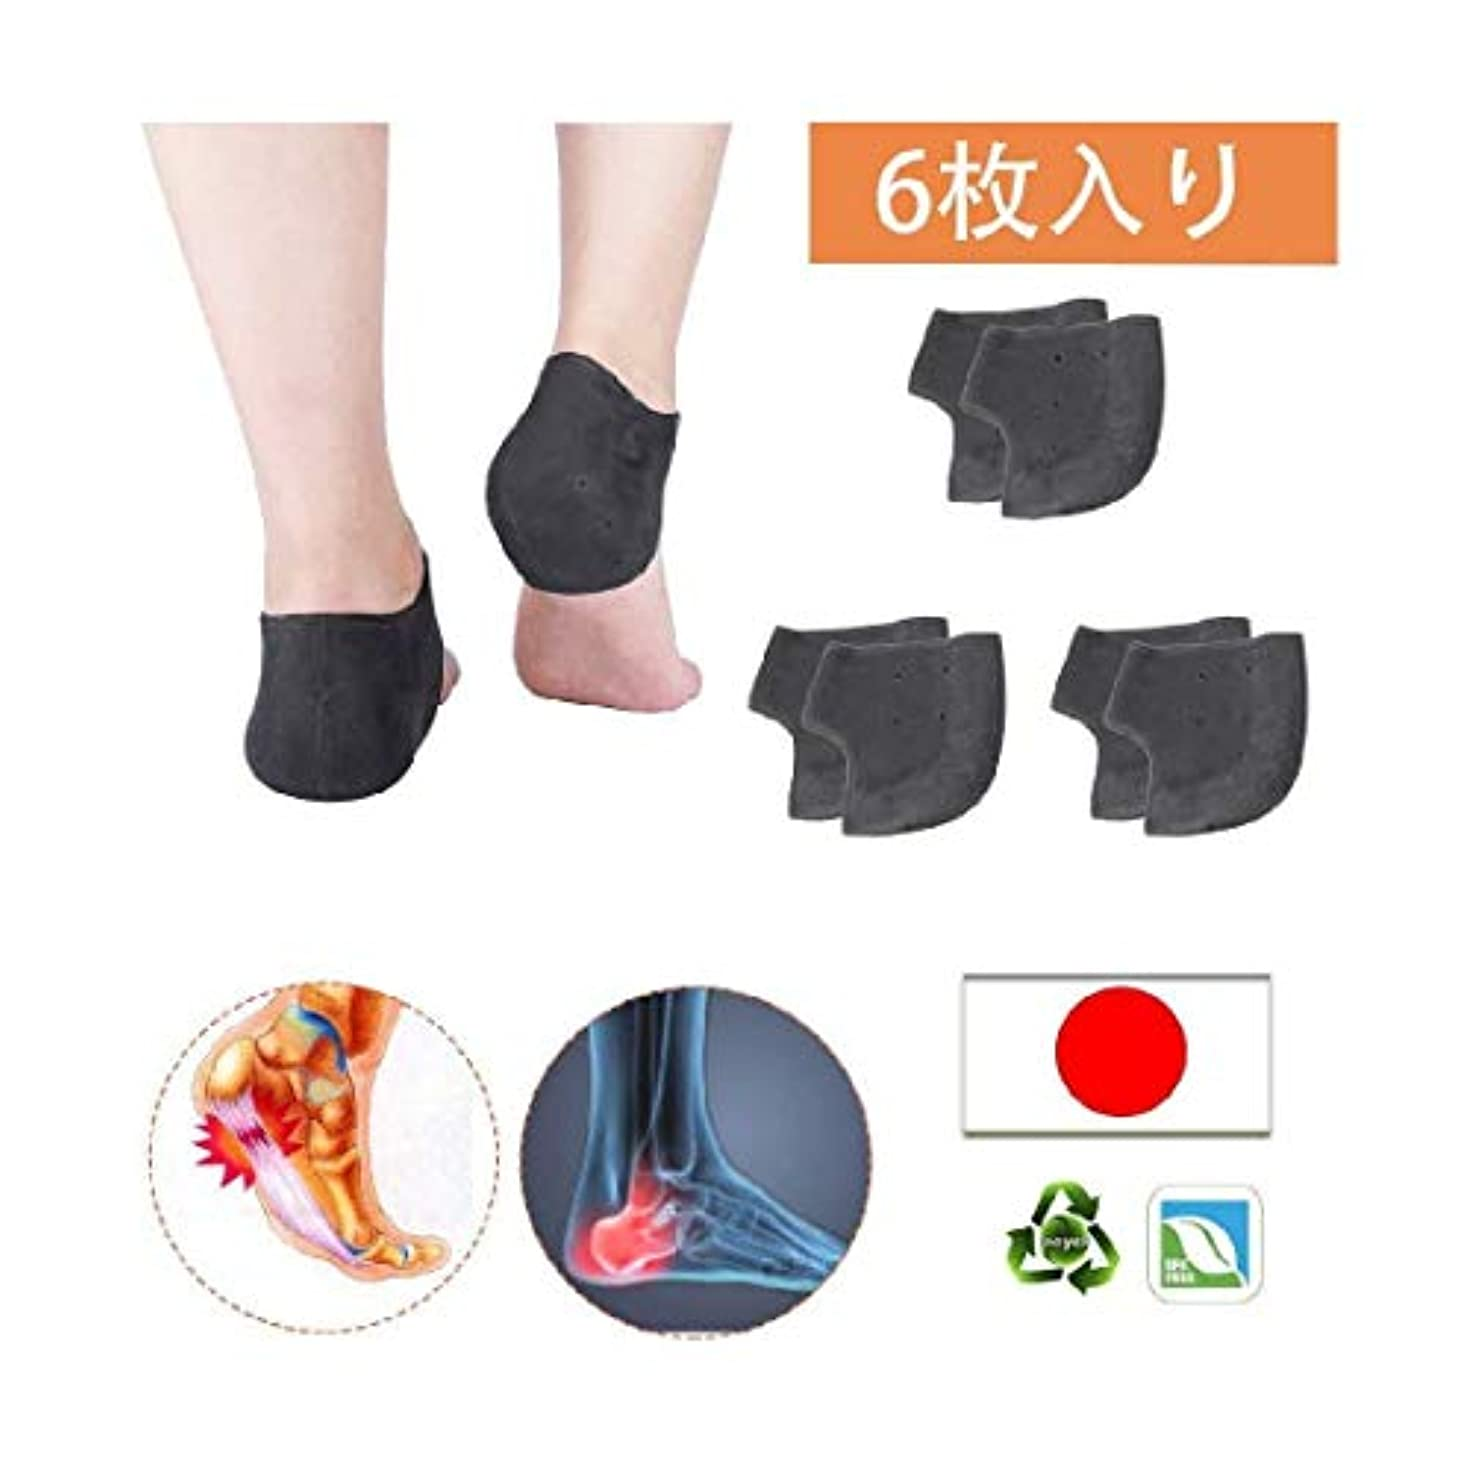 そのいくつかの用心深い足用保護パッド かかと保護カバー ヒールカップ足底筋膜炎インサート通気性 シークレットインソール ヒールの痛み緩和 保湿 かかと靴下) 男女兼用